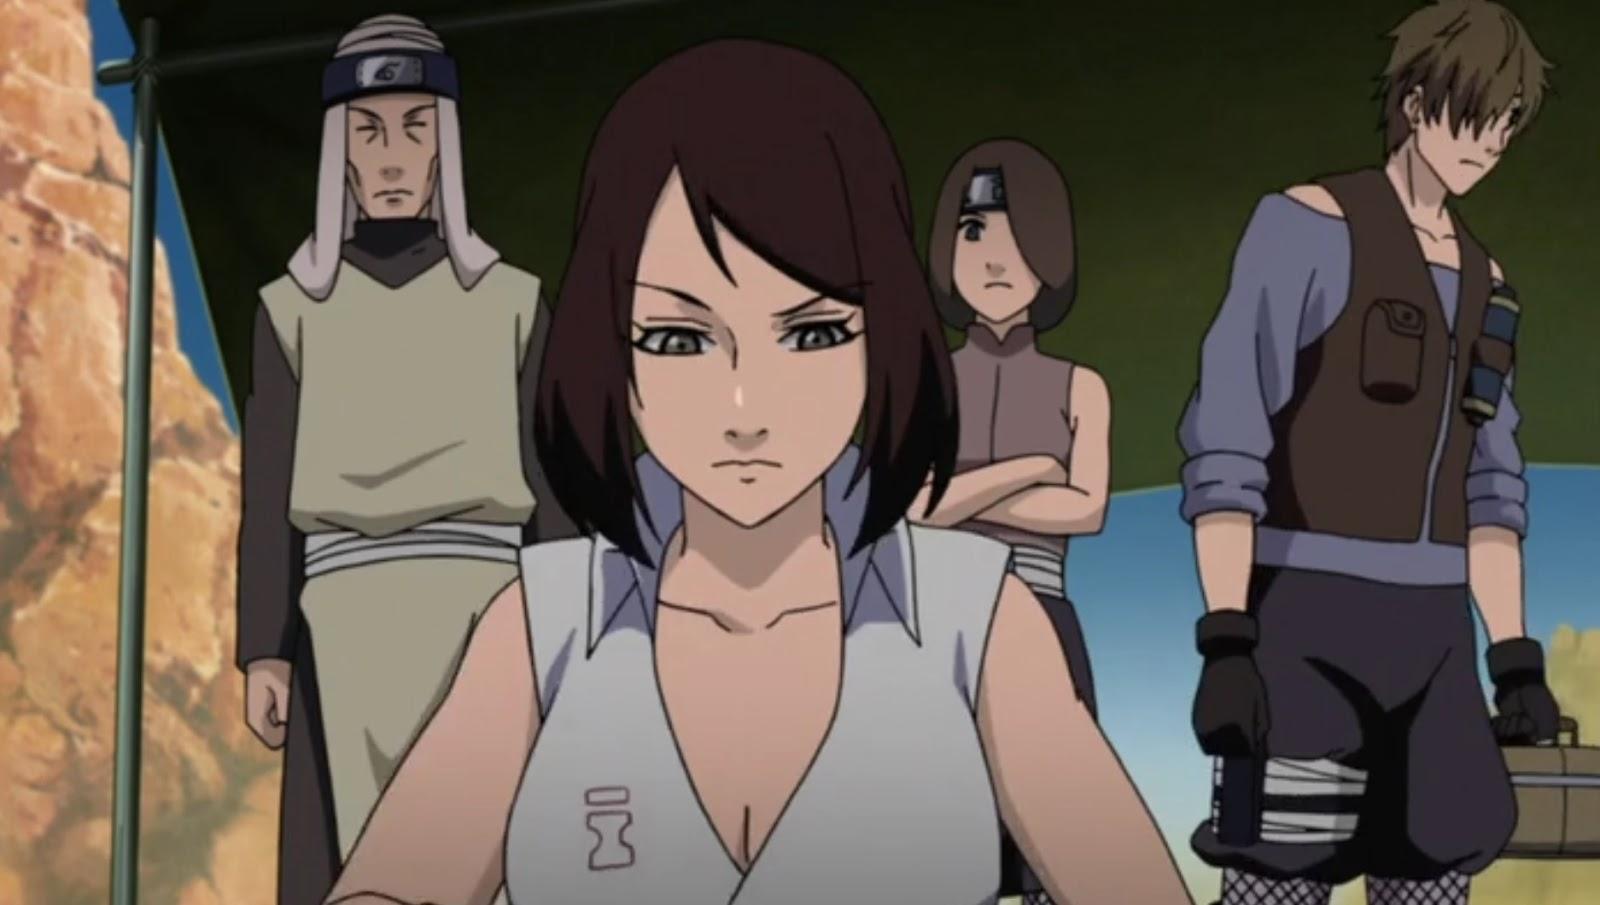 Naruto Shippuden Episódio 406, Assistir Naruto Shippuden Episódio 406, Assistir Naruto Shippuden Todos os Episódios Legendado, Naruto Shippuden episódio 406,HD